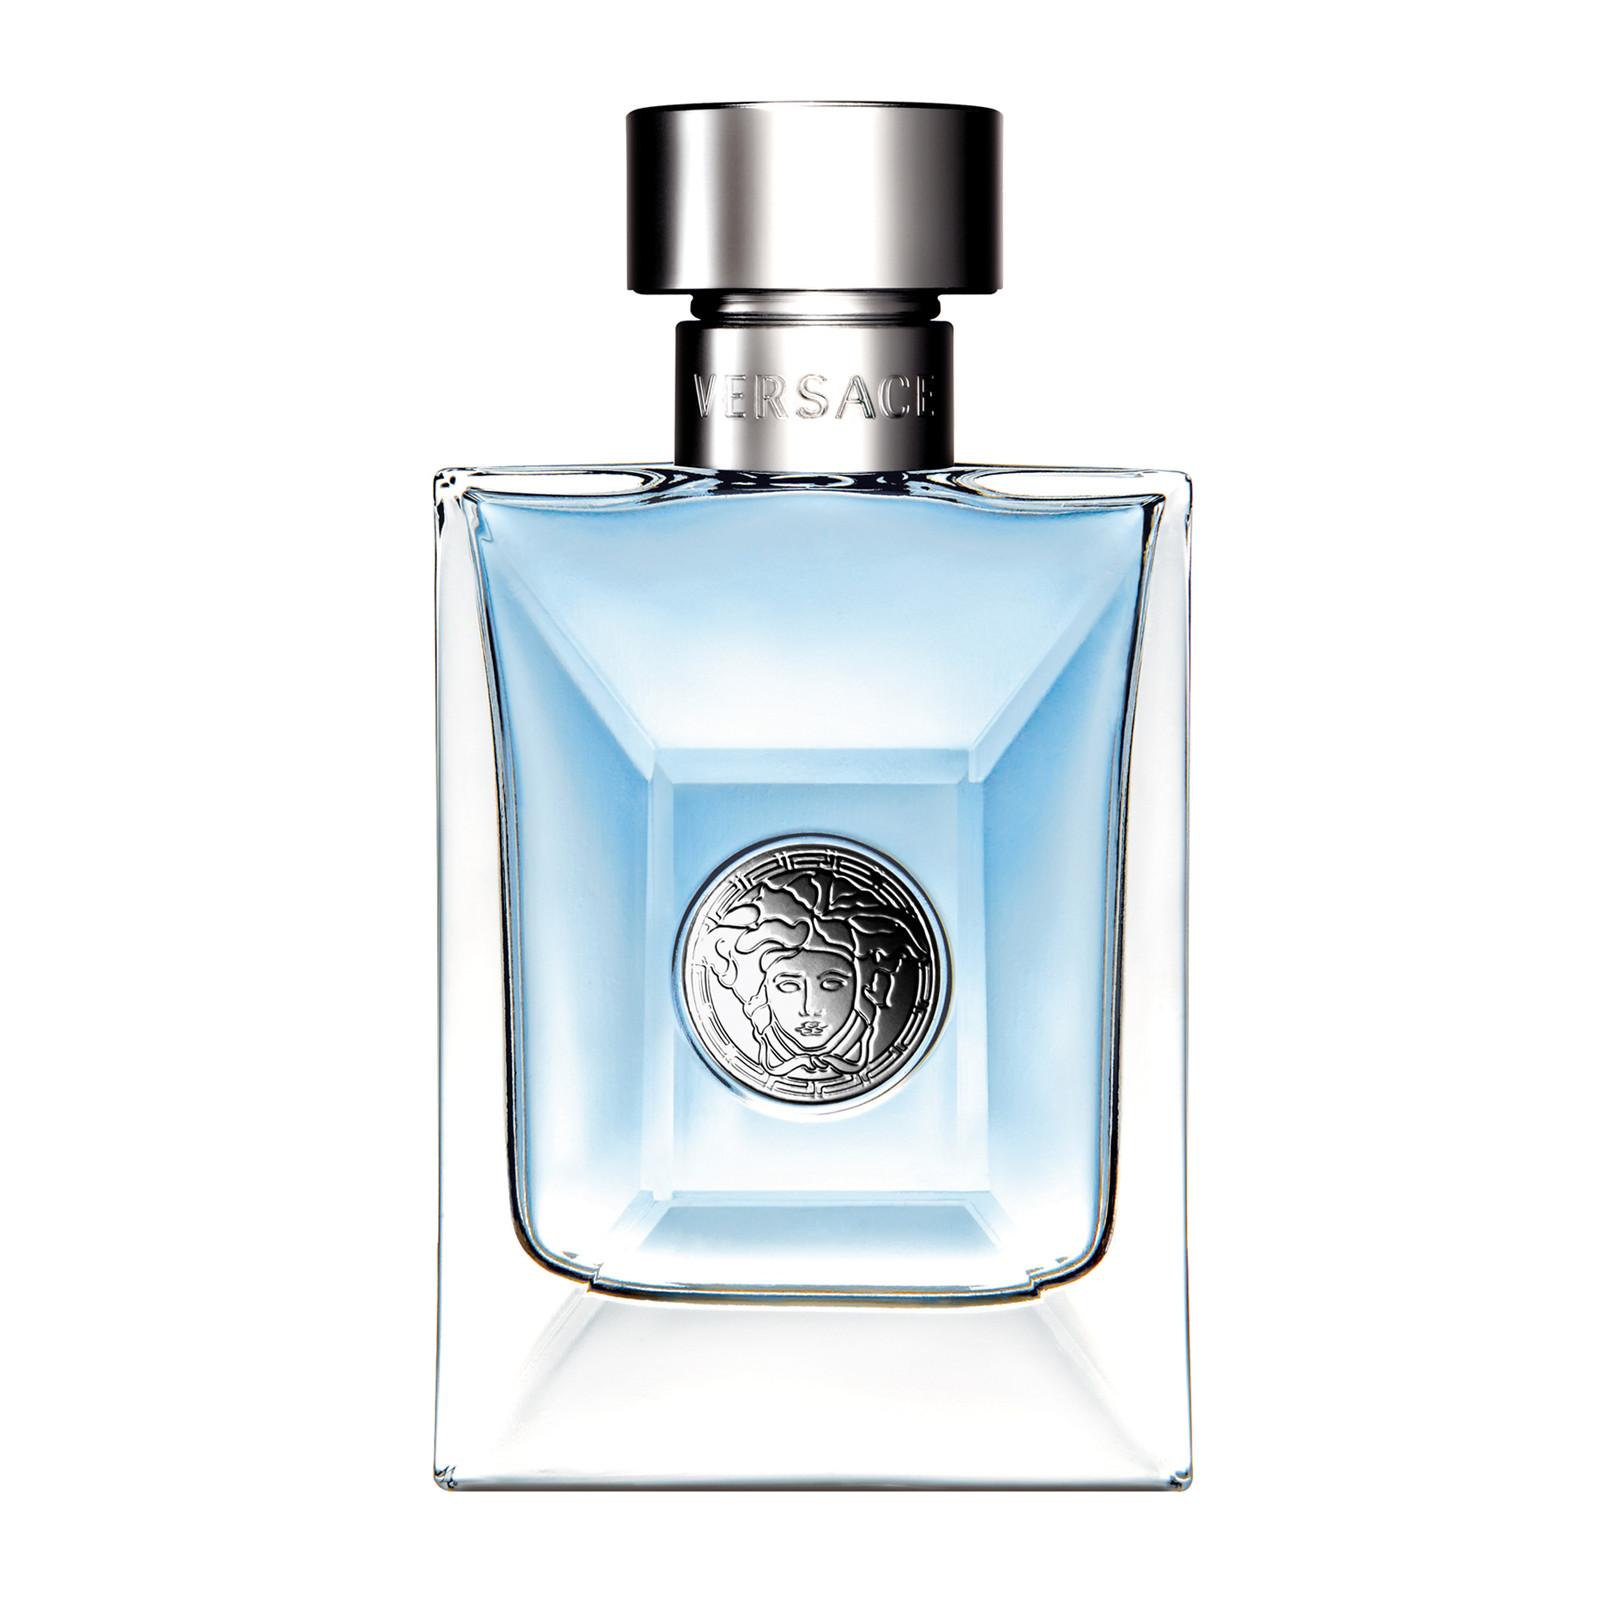 Versace Pour Homme - deodorant M Objem: 100 ml